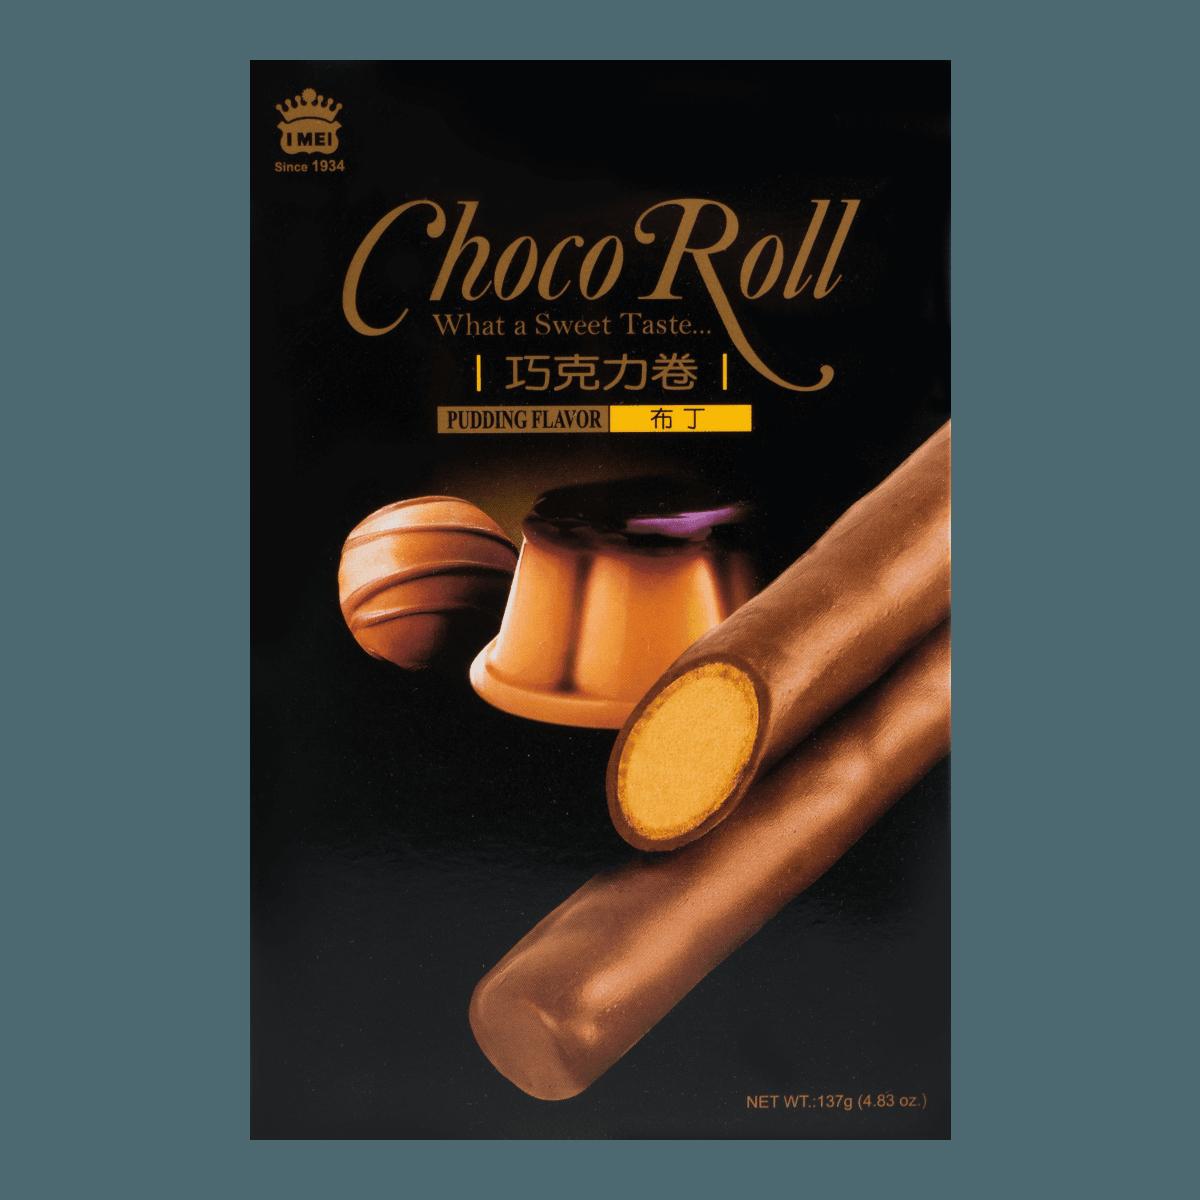 台湾IMEI义美 巧克力卷 布丁味 137g